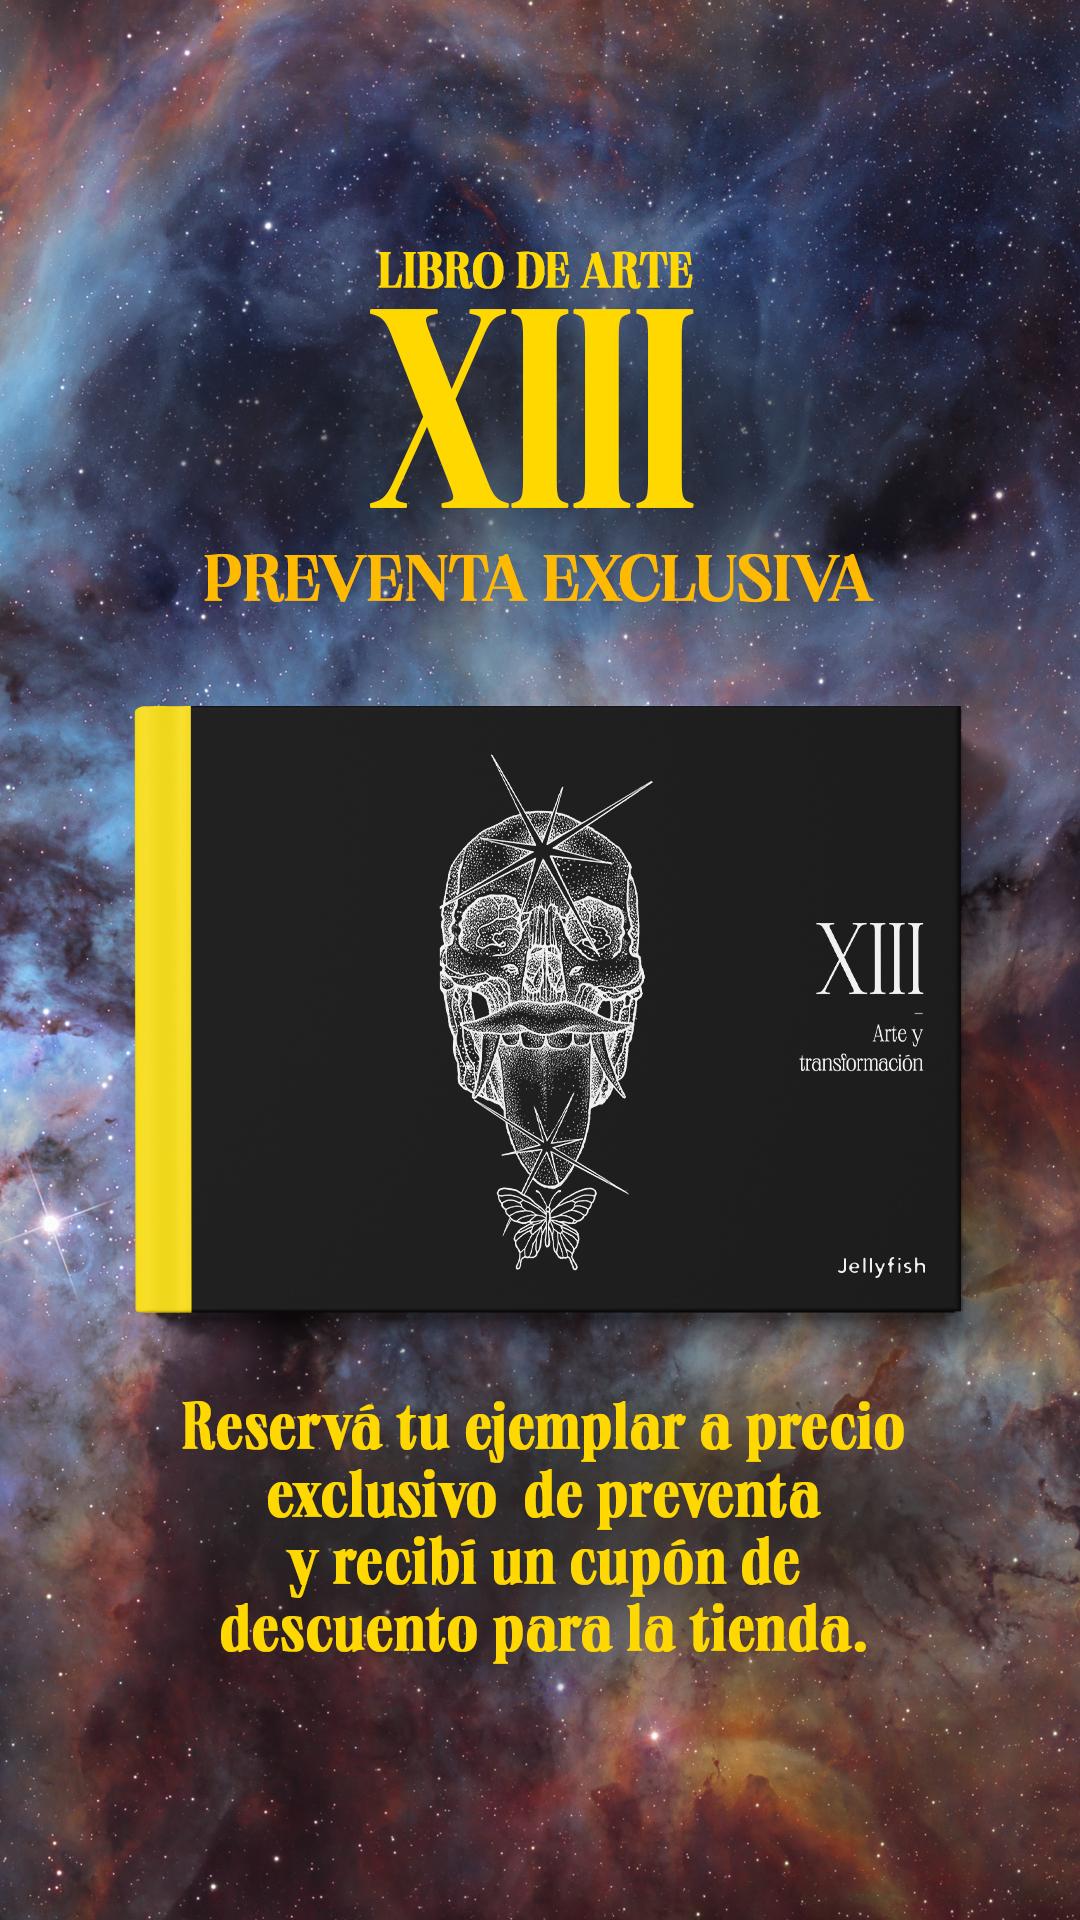 libro de arte XIII arte y transformacion